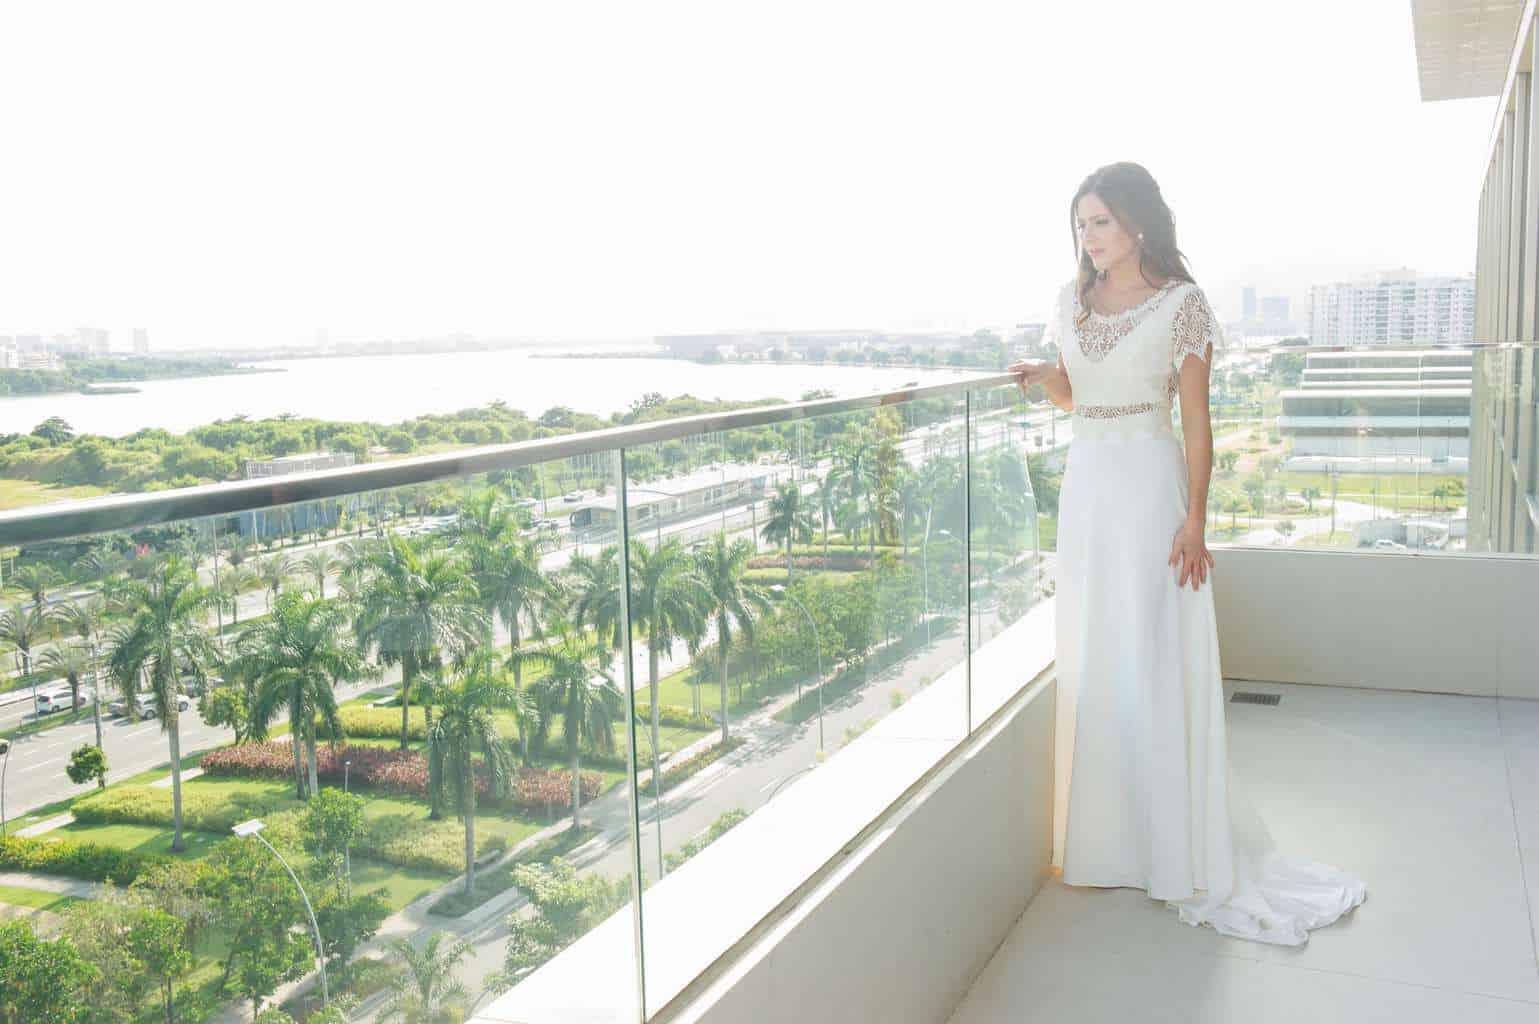 Casa-de-Santa-Teresa-Daniela-e-Juan-Destination-Wedding-Mariana-Nogueira-Decor-Marina-Fava-Fotografia-Thais-de-Carvalho-Dias-CaseMe-10